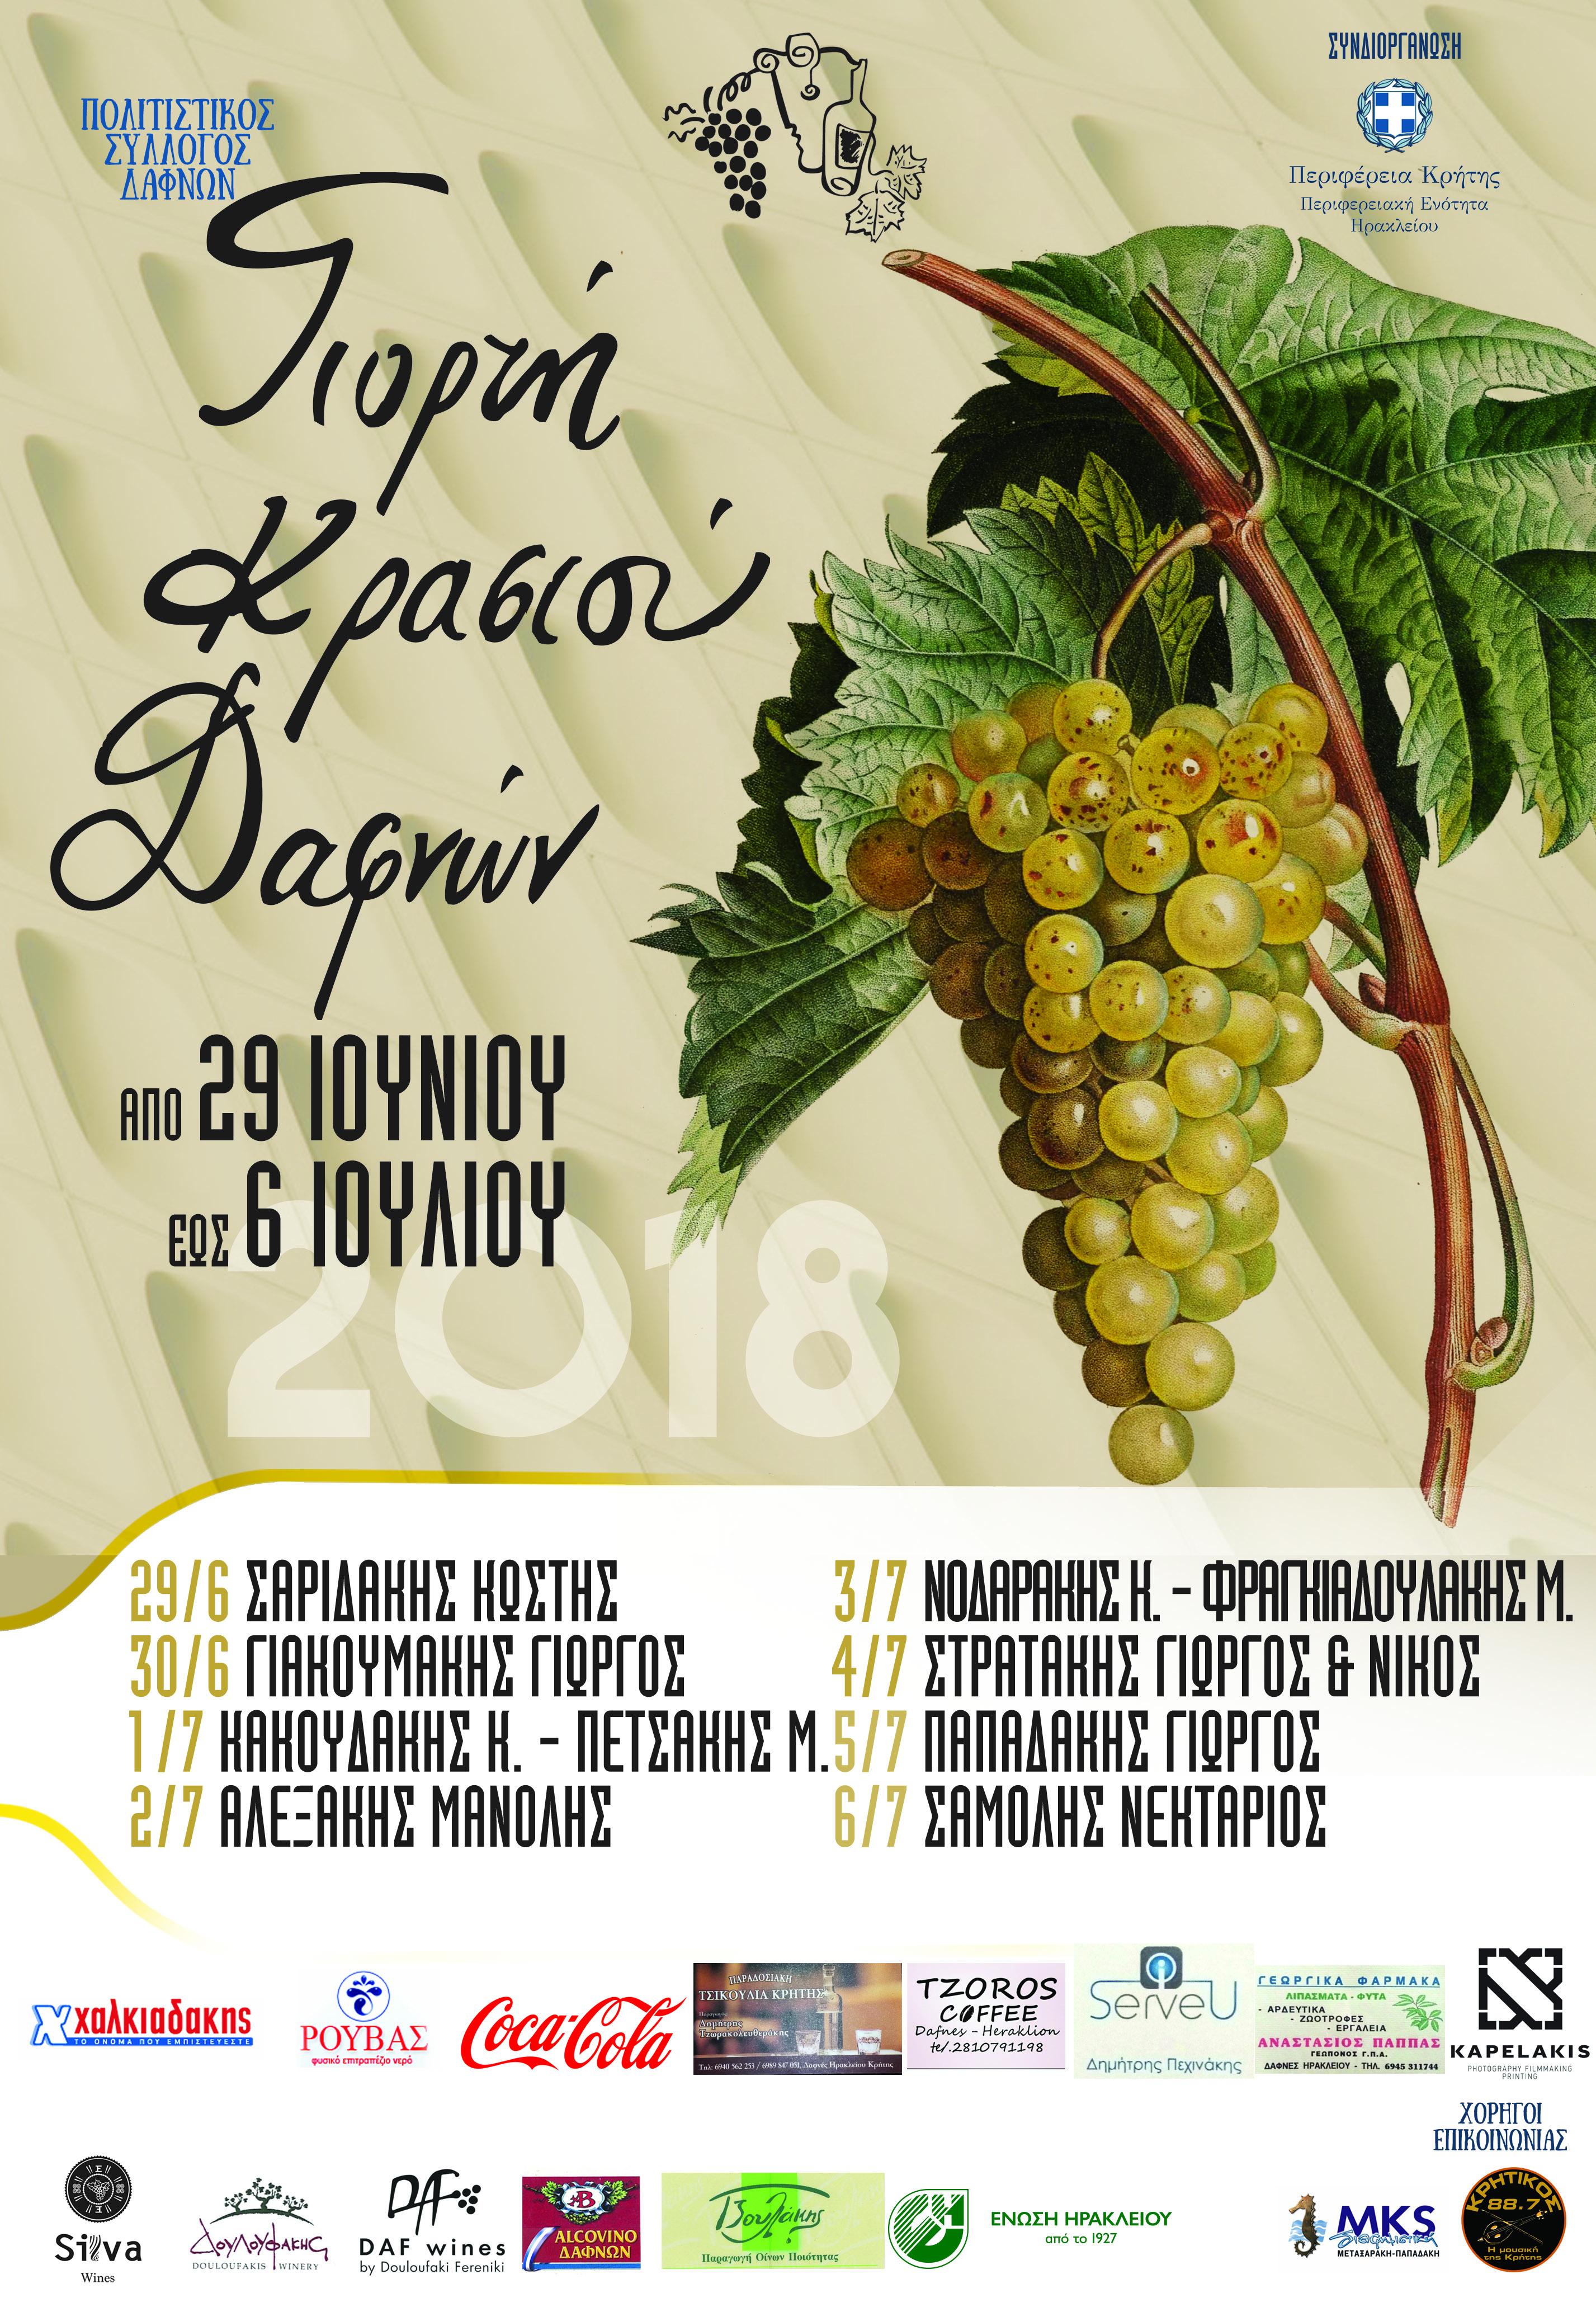 Από τις 29 Ιουνίου έως τις 6 Ιουλίου η «Γιορτή Κρασιού Δαφνών» στην Κρήτη